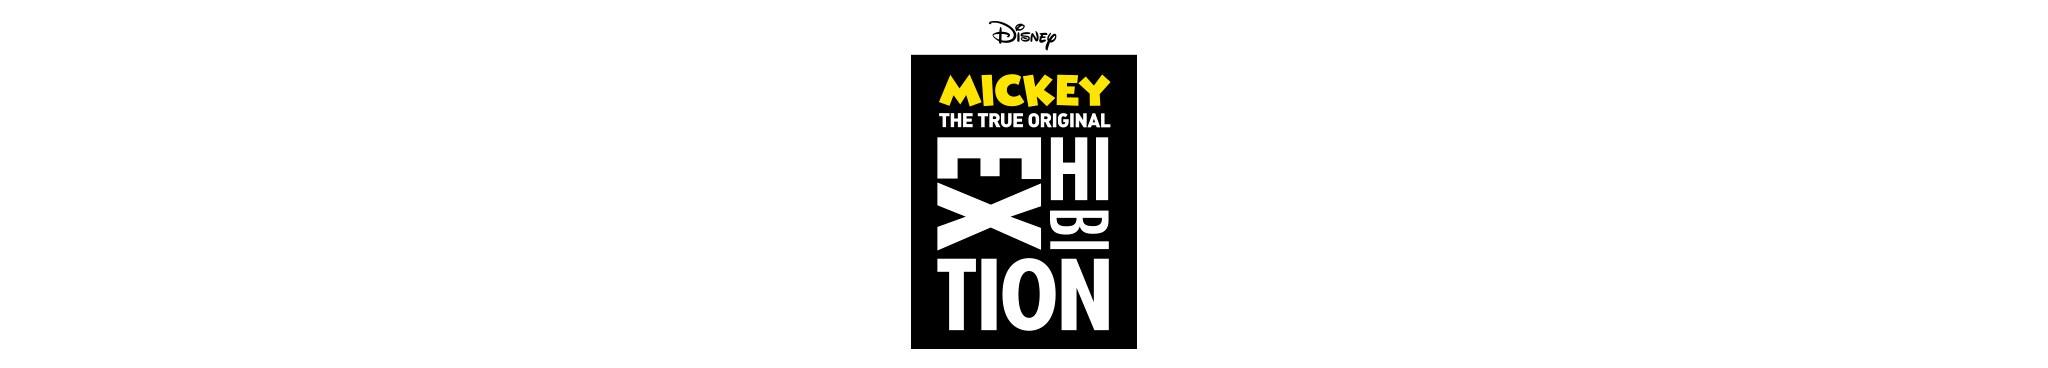 Mickey The True Original Exhibition Disney Partners